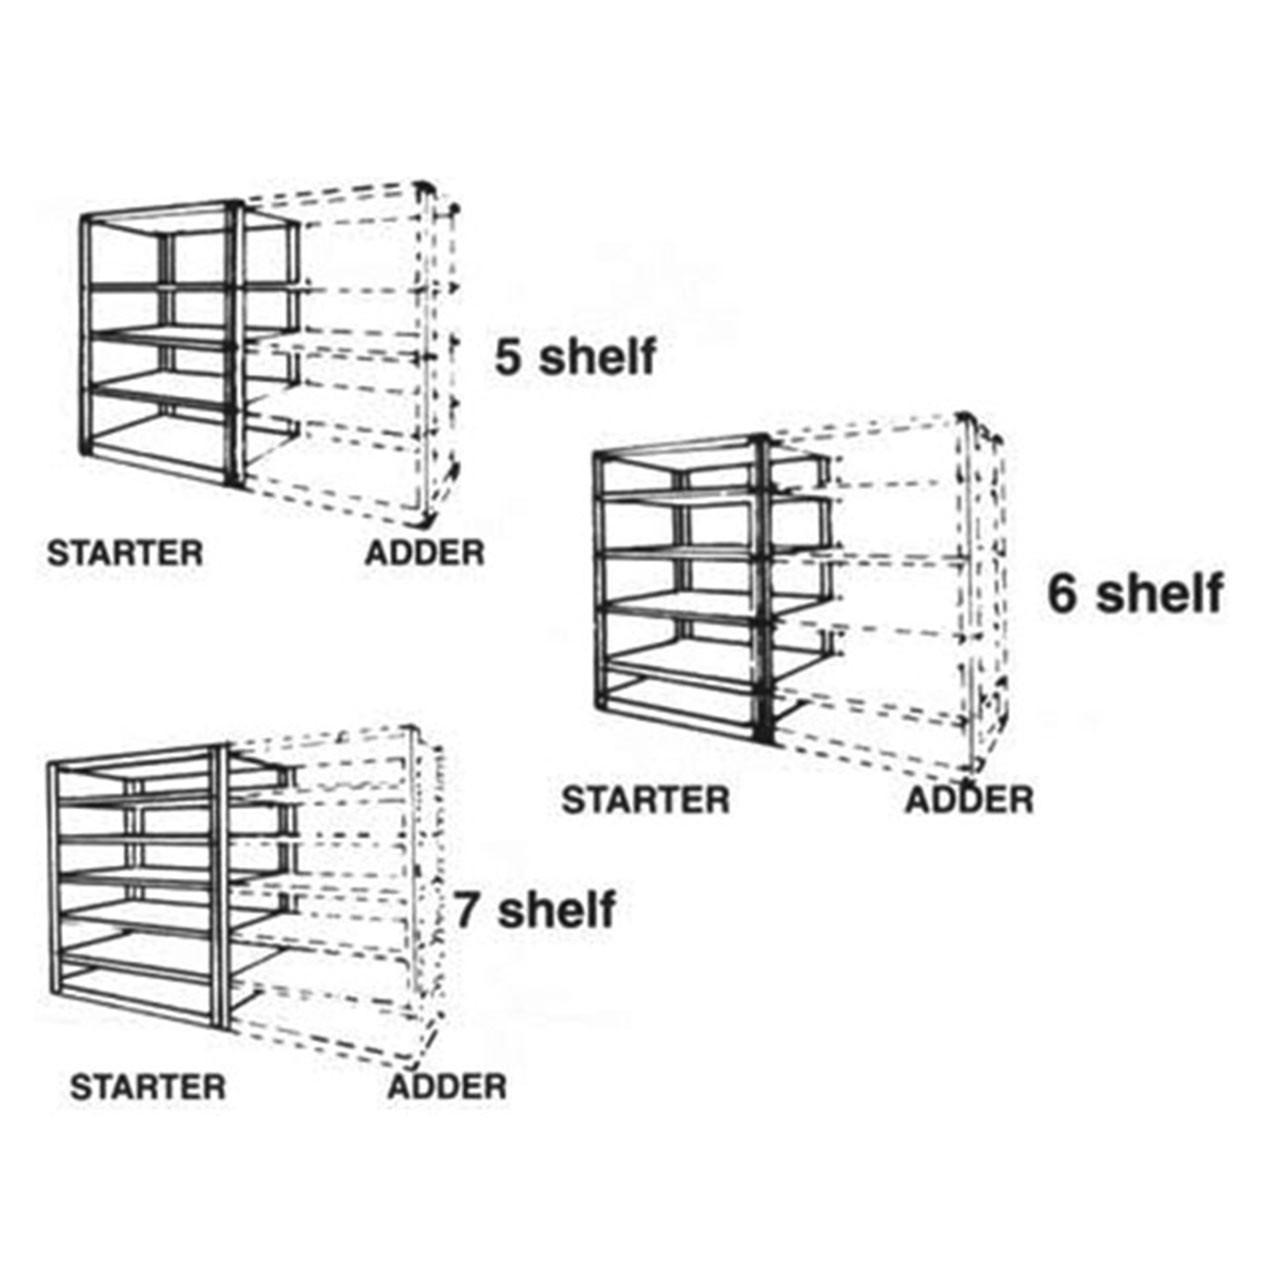 Boltless Longspan Shelving Adder Kit Diagram